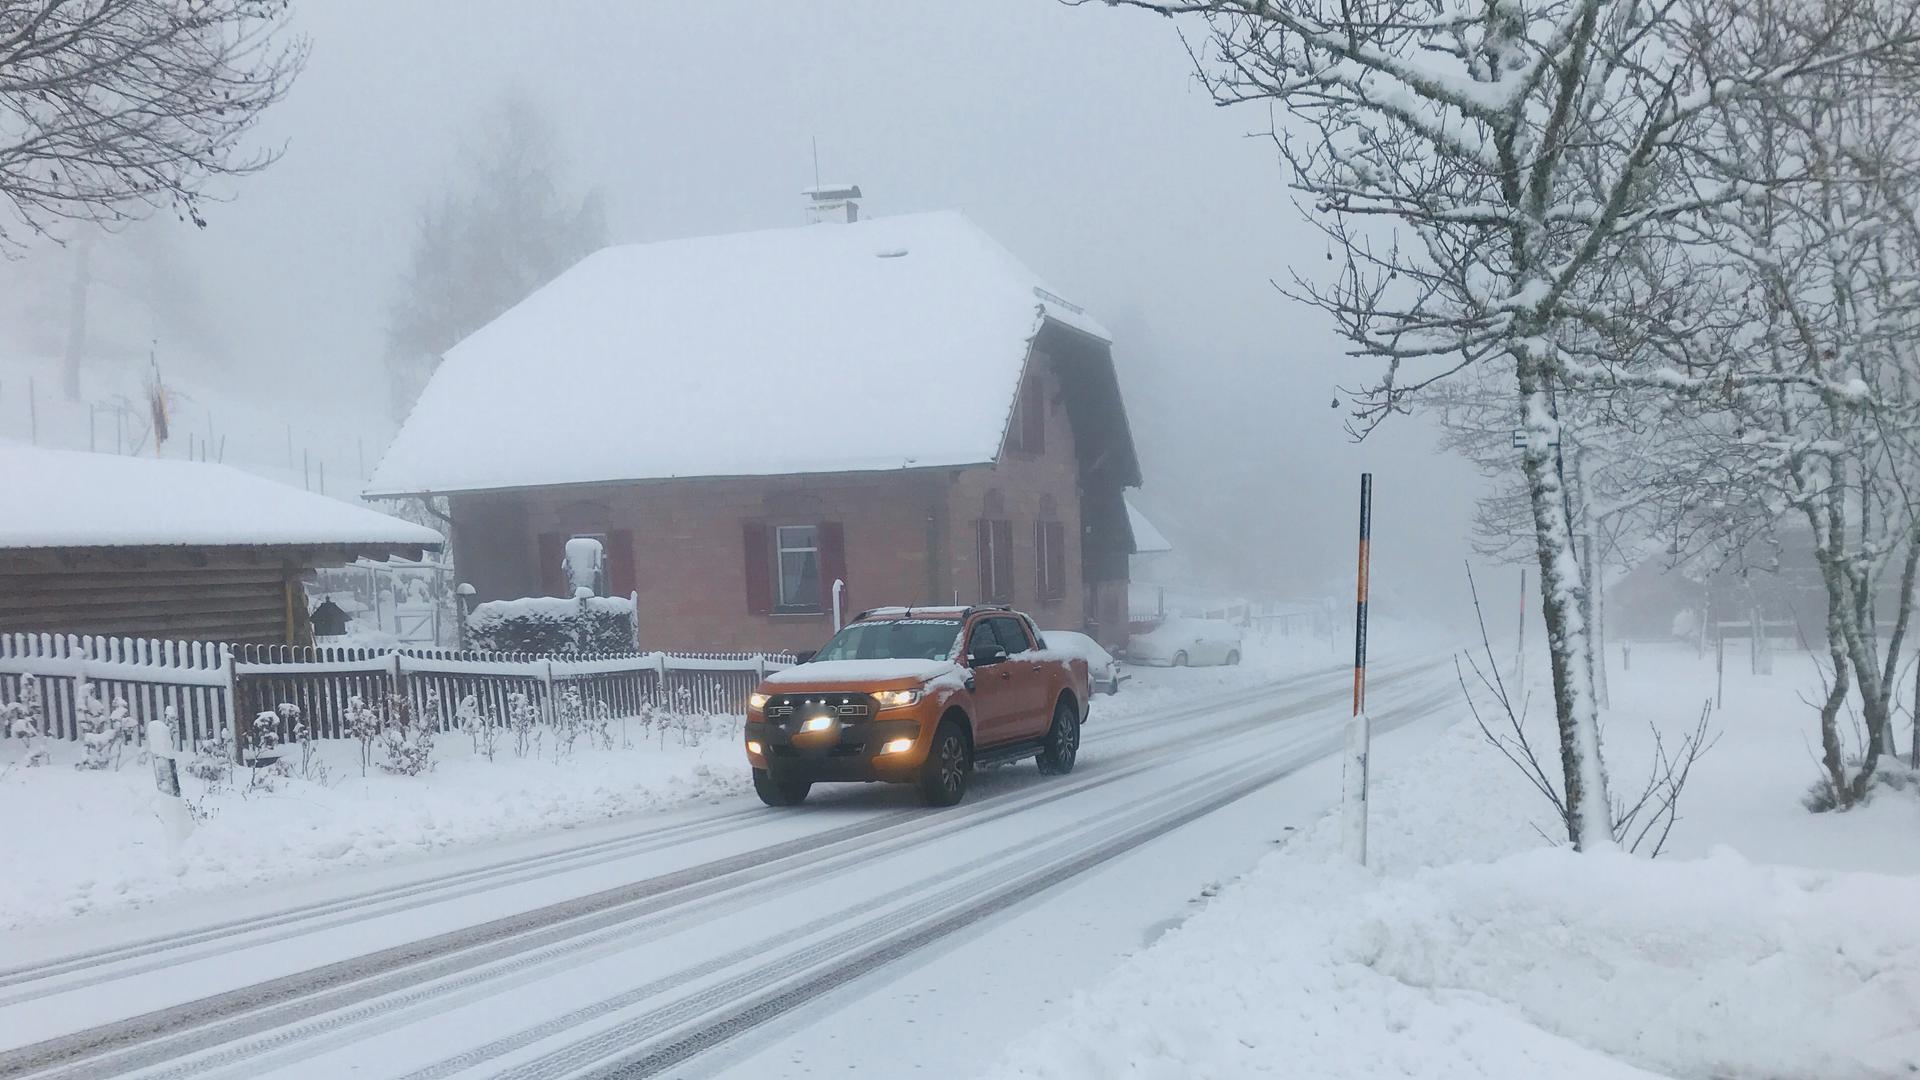 Im Gernsbacher Höhenstadtteil Kaltenbronn ist die Fahrbahn am Morgen des ersten Weihnachtsfeiertags mit Schnee bedeckt.